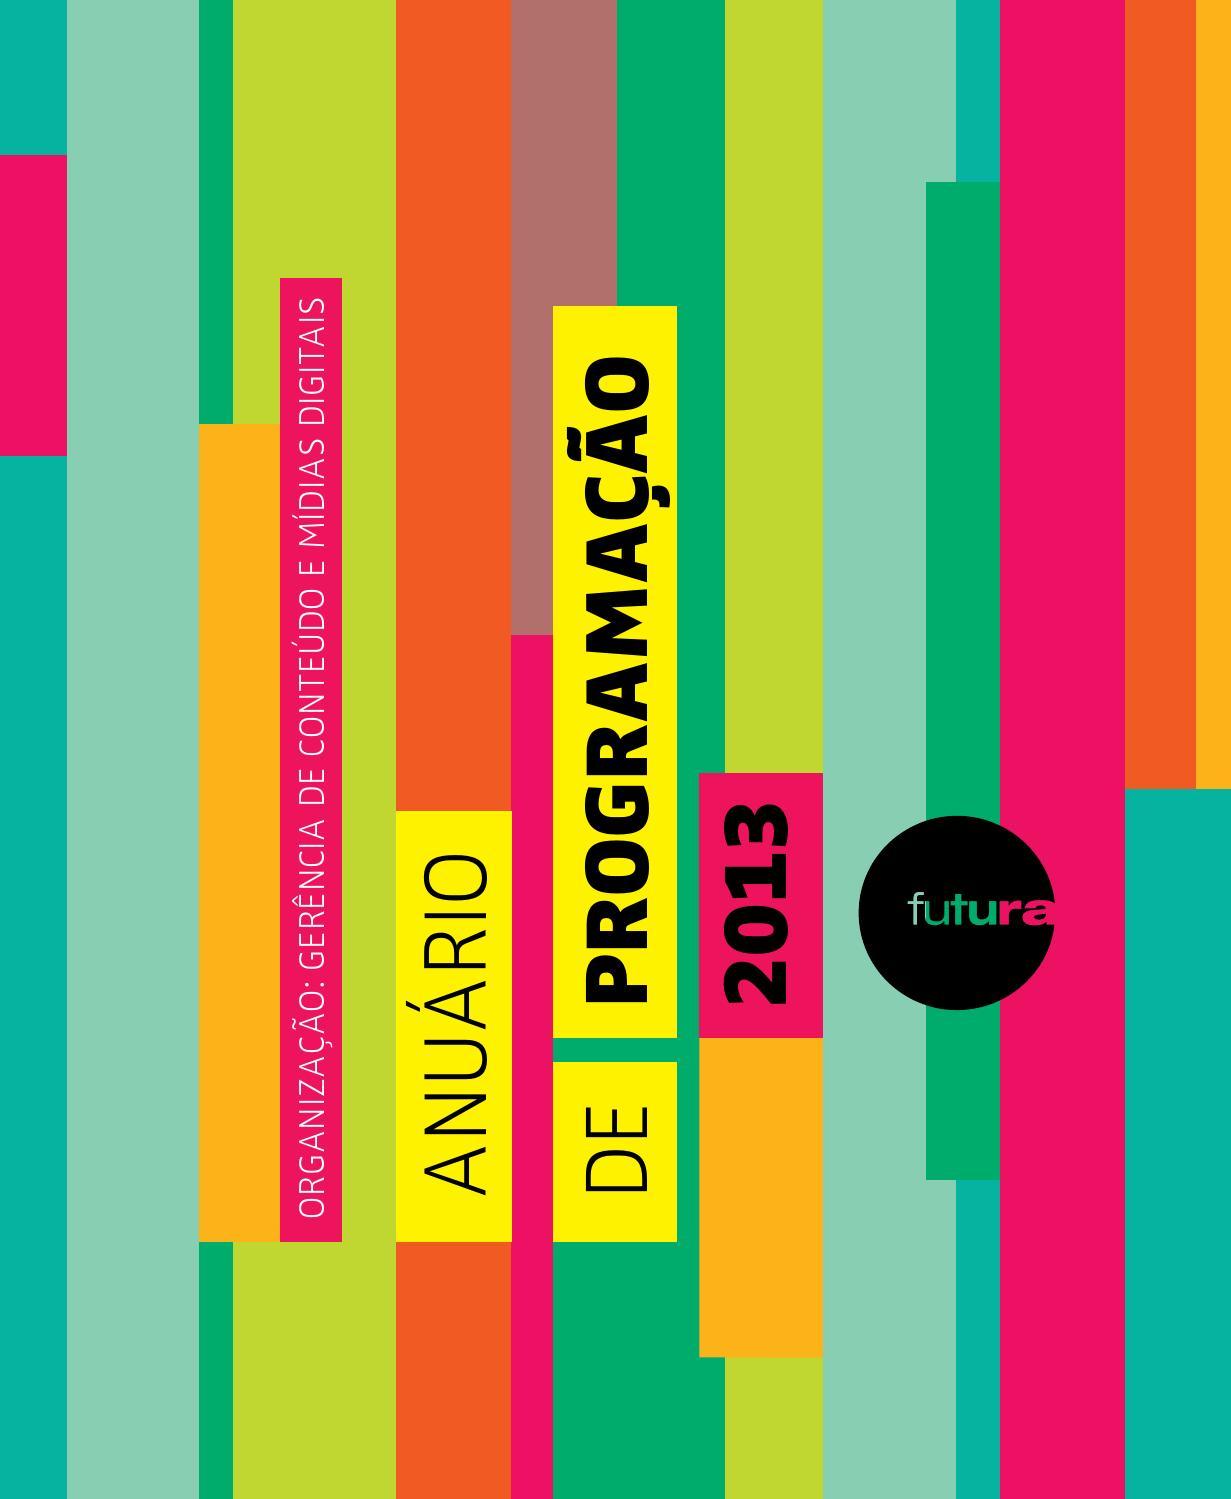 Anuário de Programação Canal Futura 2013 by canalfutura - issuu 874a99af42b43